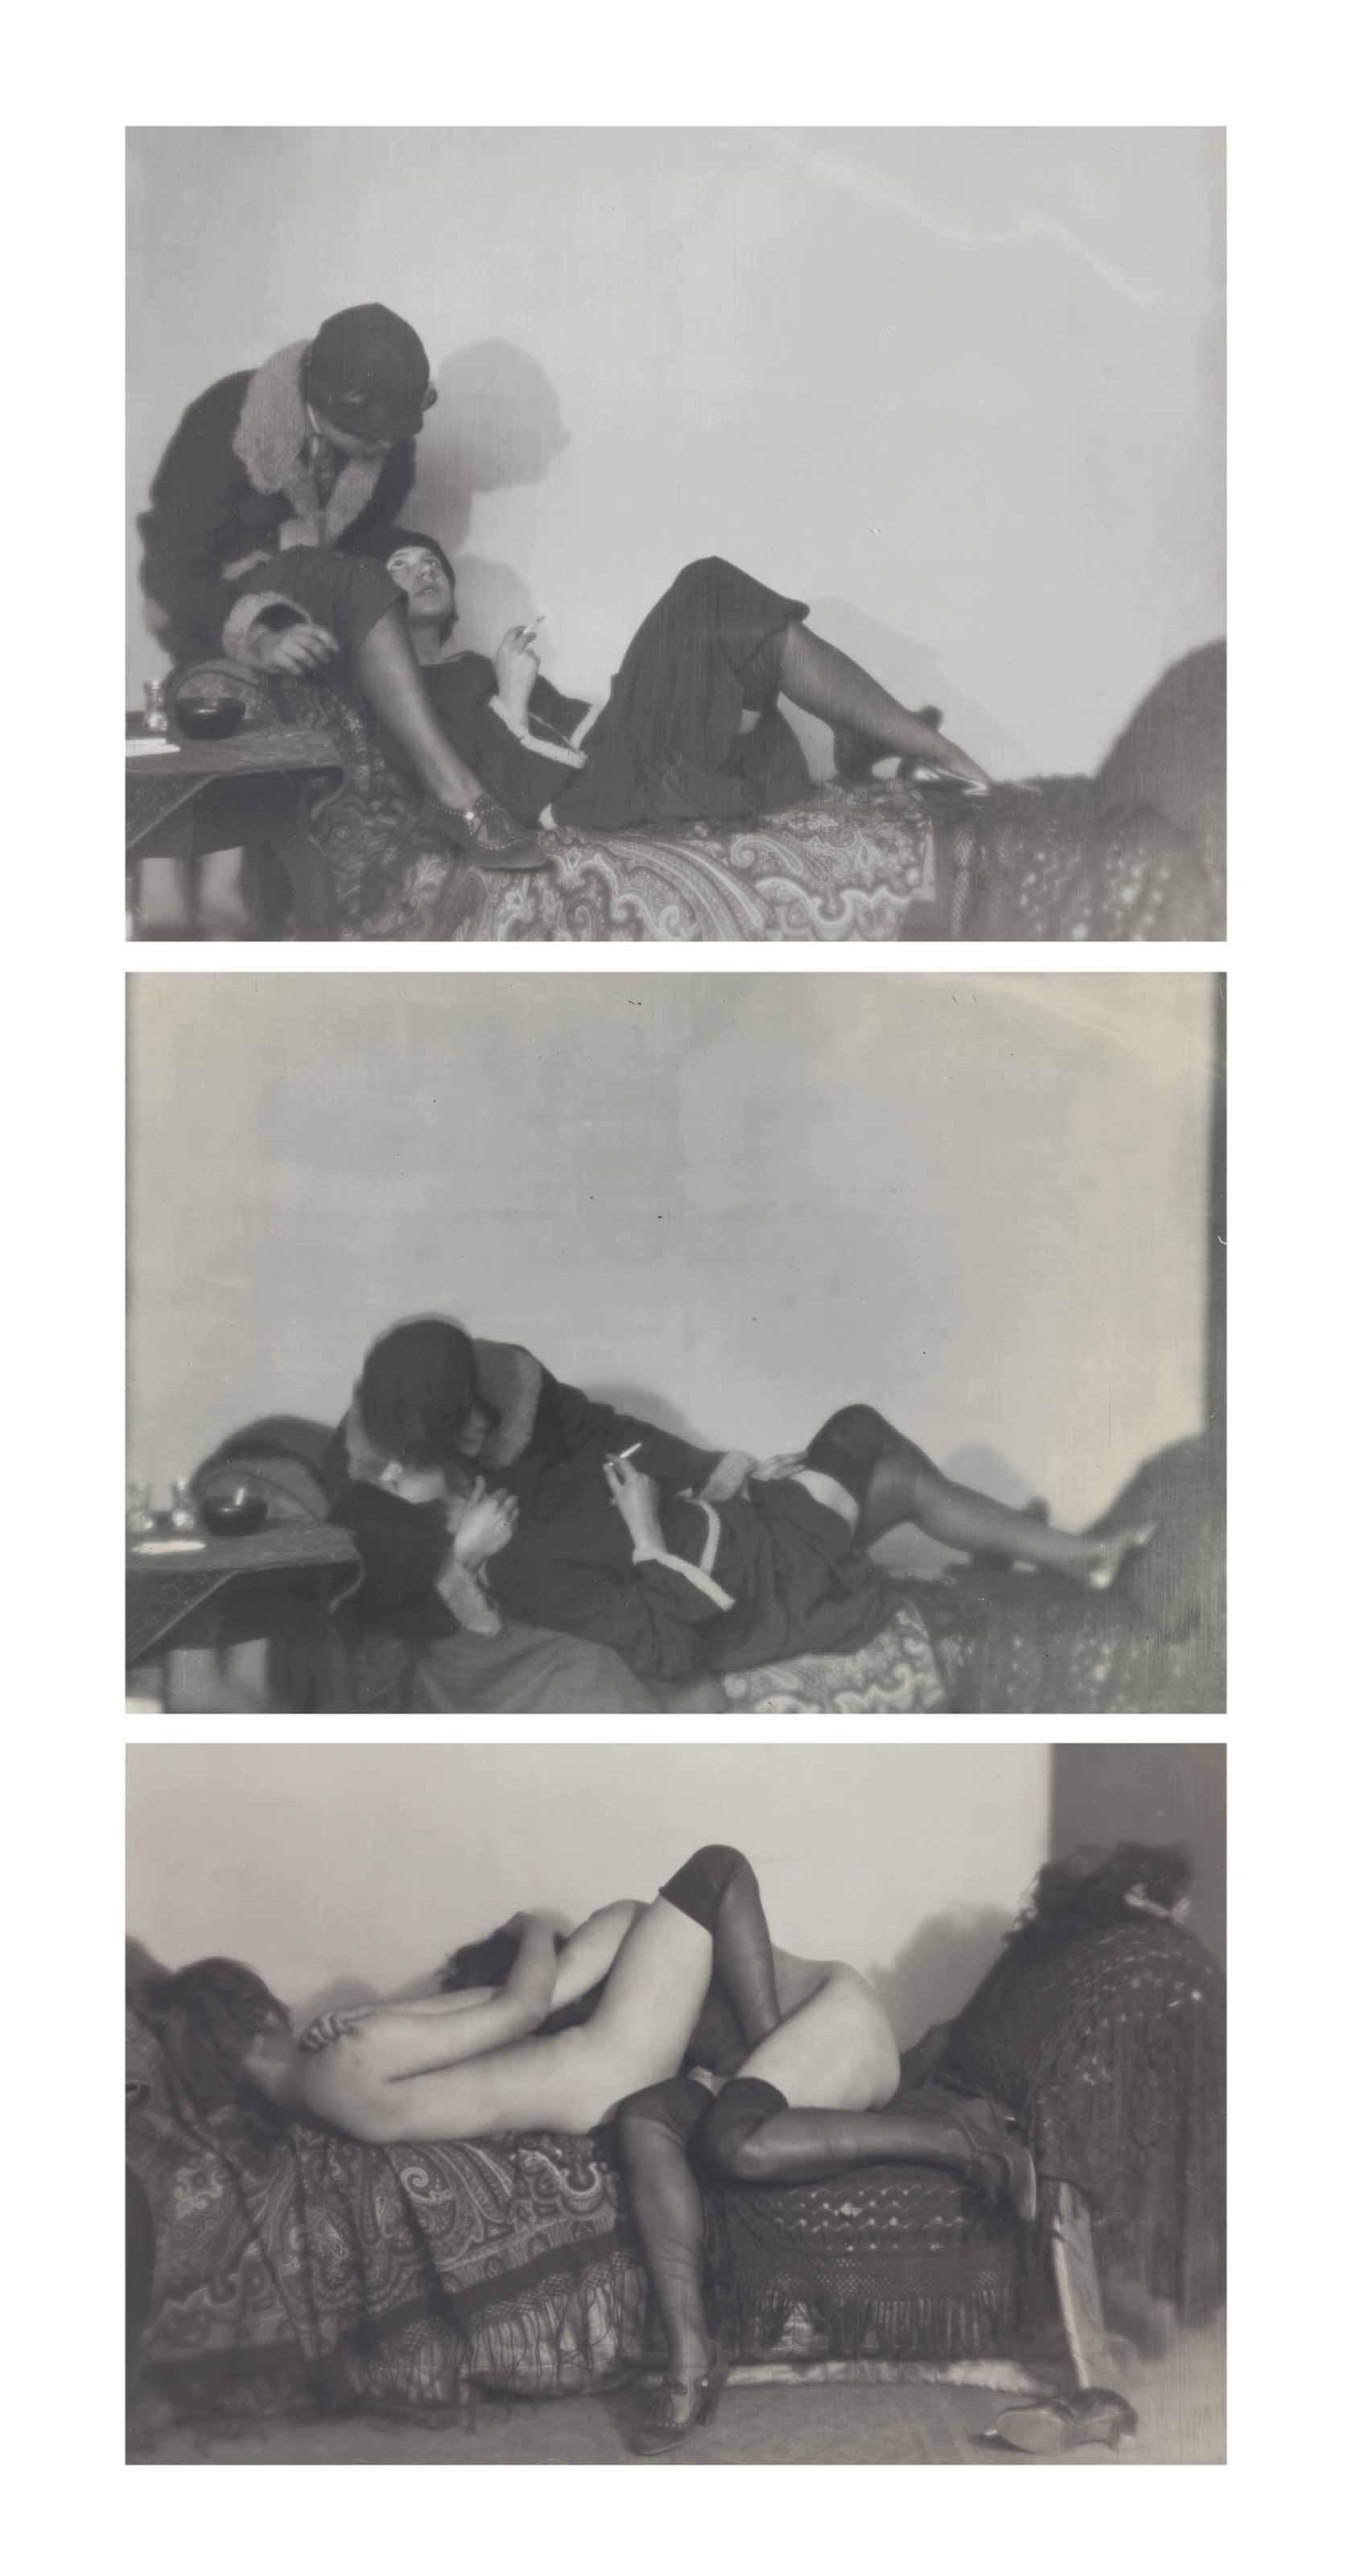 Les Amies, c. 1924